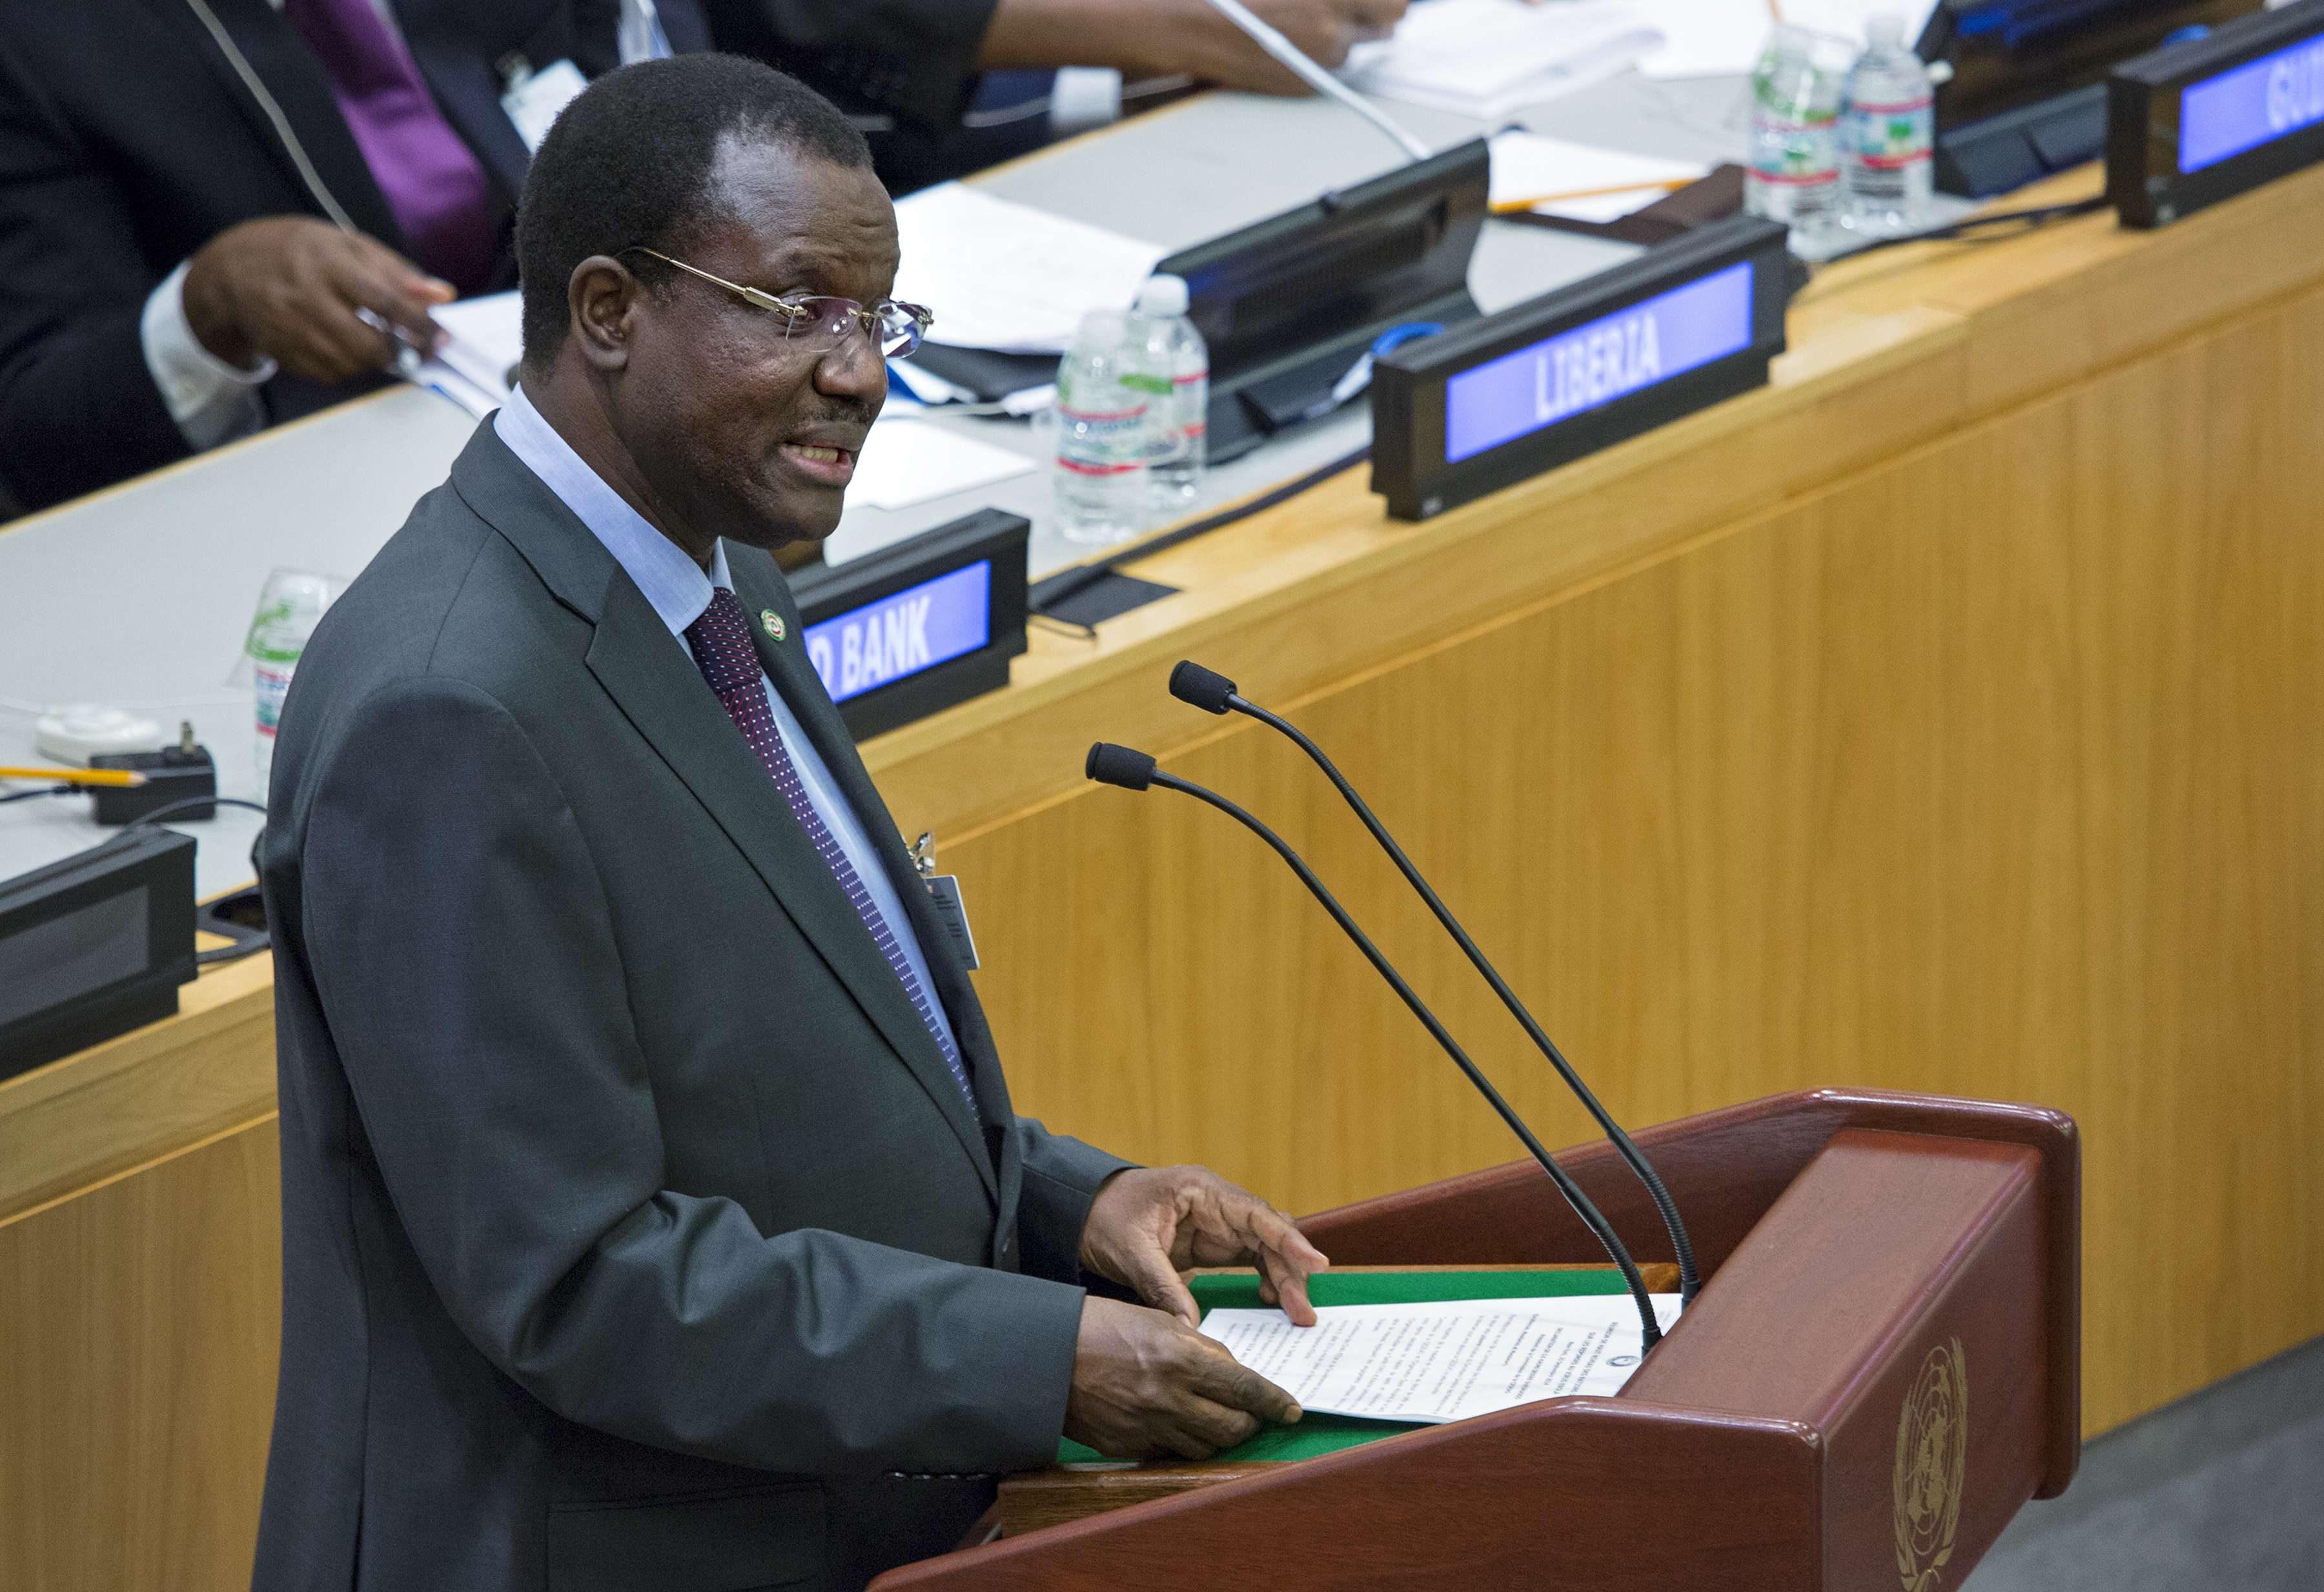 Kadré Désiré Ouédraogo, président de la Commission de la Communauté économique des États d'Afrique de l'Ouest, s'exprimant lors d'une réunion à haut niveau sur l'épidémie d'Ebola lors de la 69ème Assemblée générale des Nations Unies au siège américain, le jeudi 25 septembre 2014.